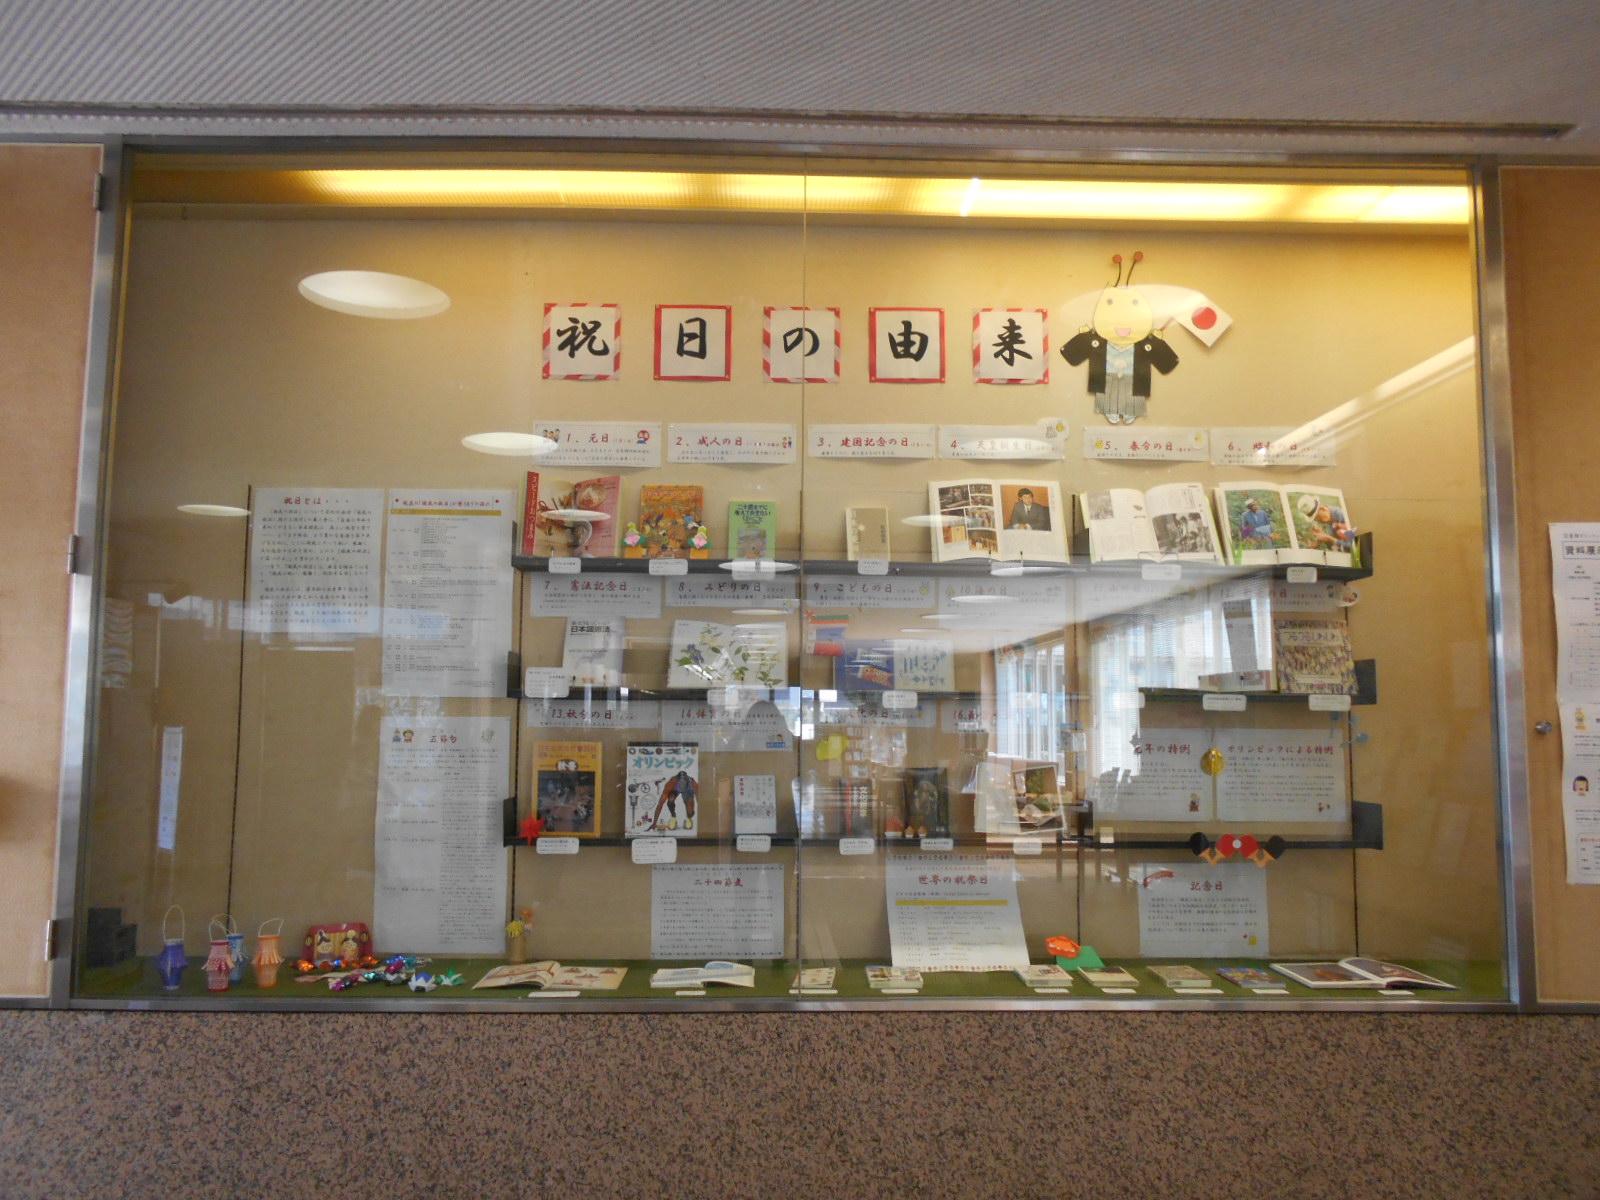 中央図書館12月から1月のラウンジ展示「祝日の由来」の展示の様子